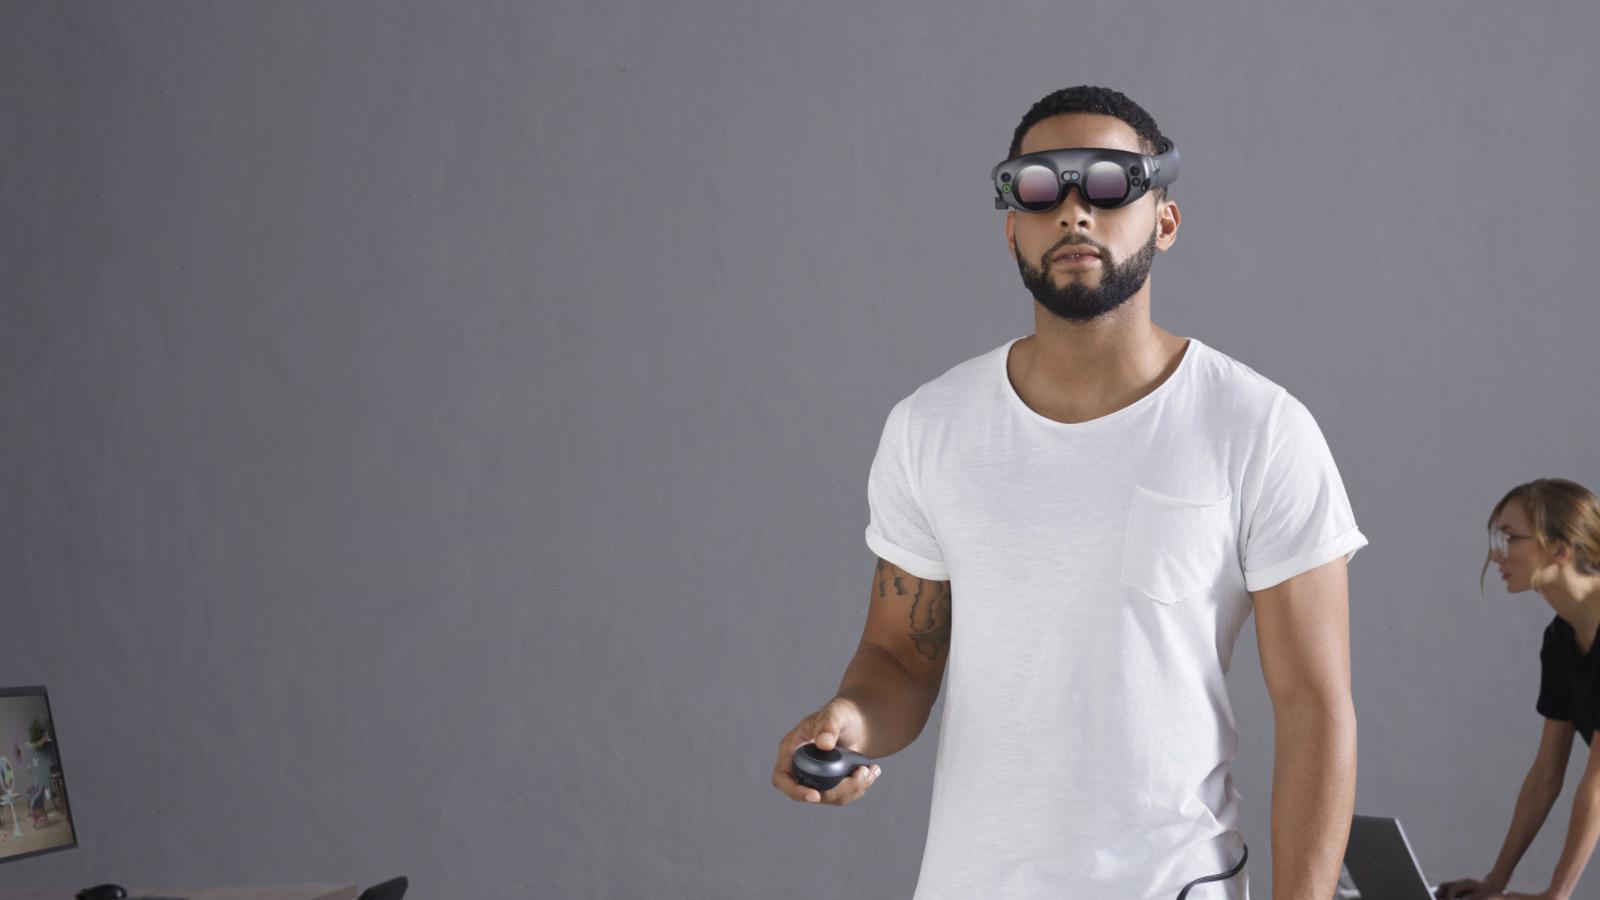 Magic Leap One™ equipo para desarrolladores de Realidad Aumentada